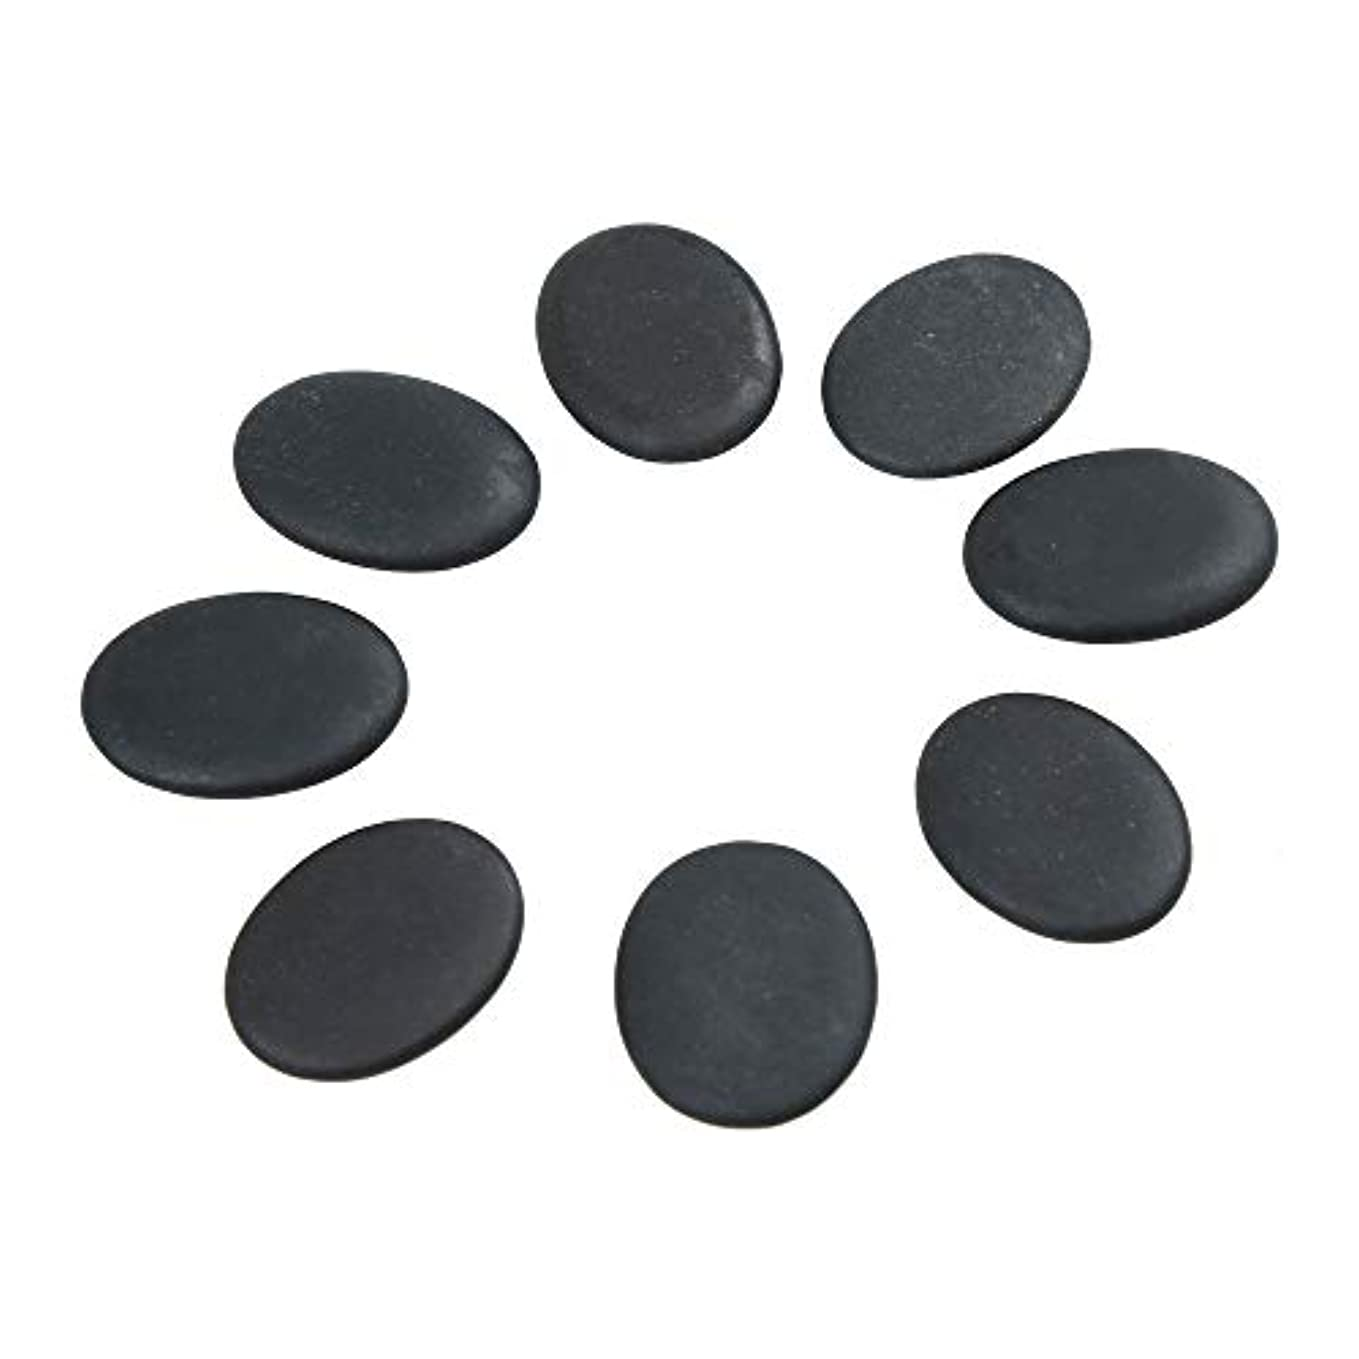 また明日ね頑固なゆりWindfulogo 8個入りホットマッサージストーンセット天然溶岩玄武岩スパマッサージ用暖かいストーンブラックBlack1.18 x 1.57 in(3x4cm)